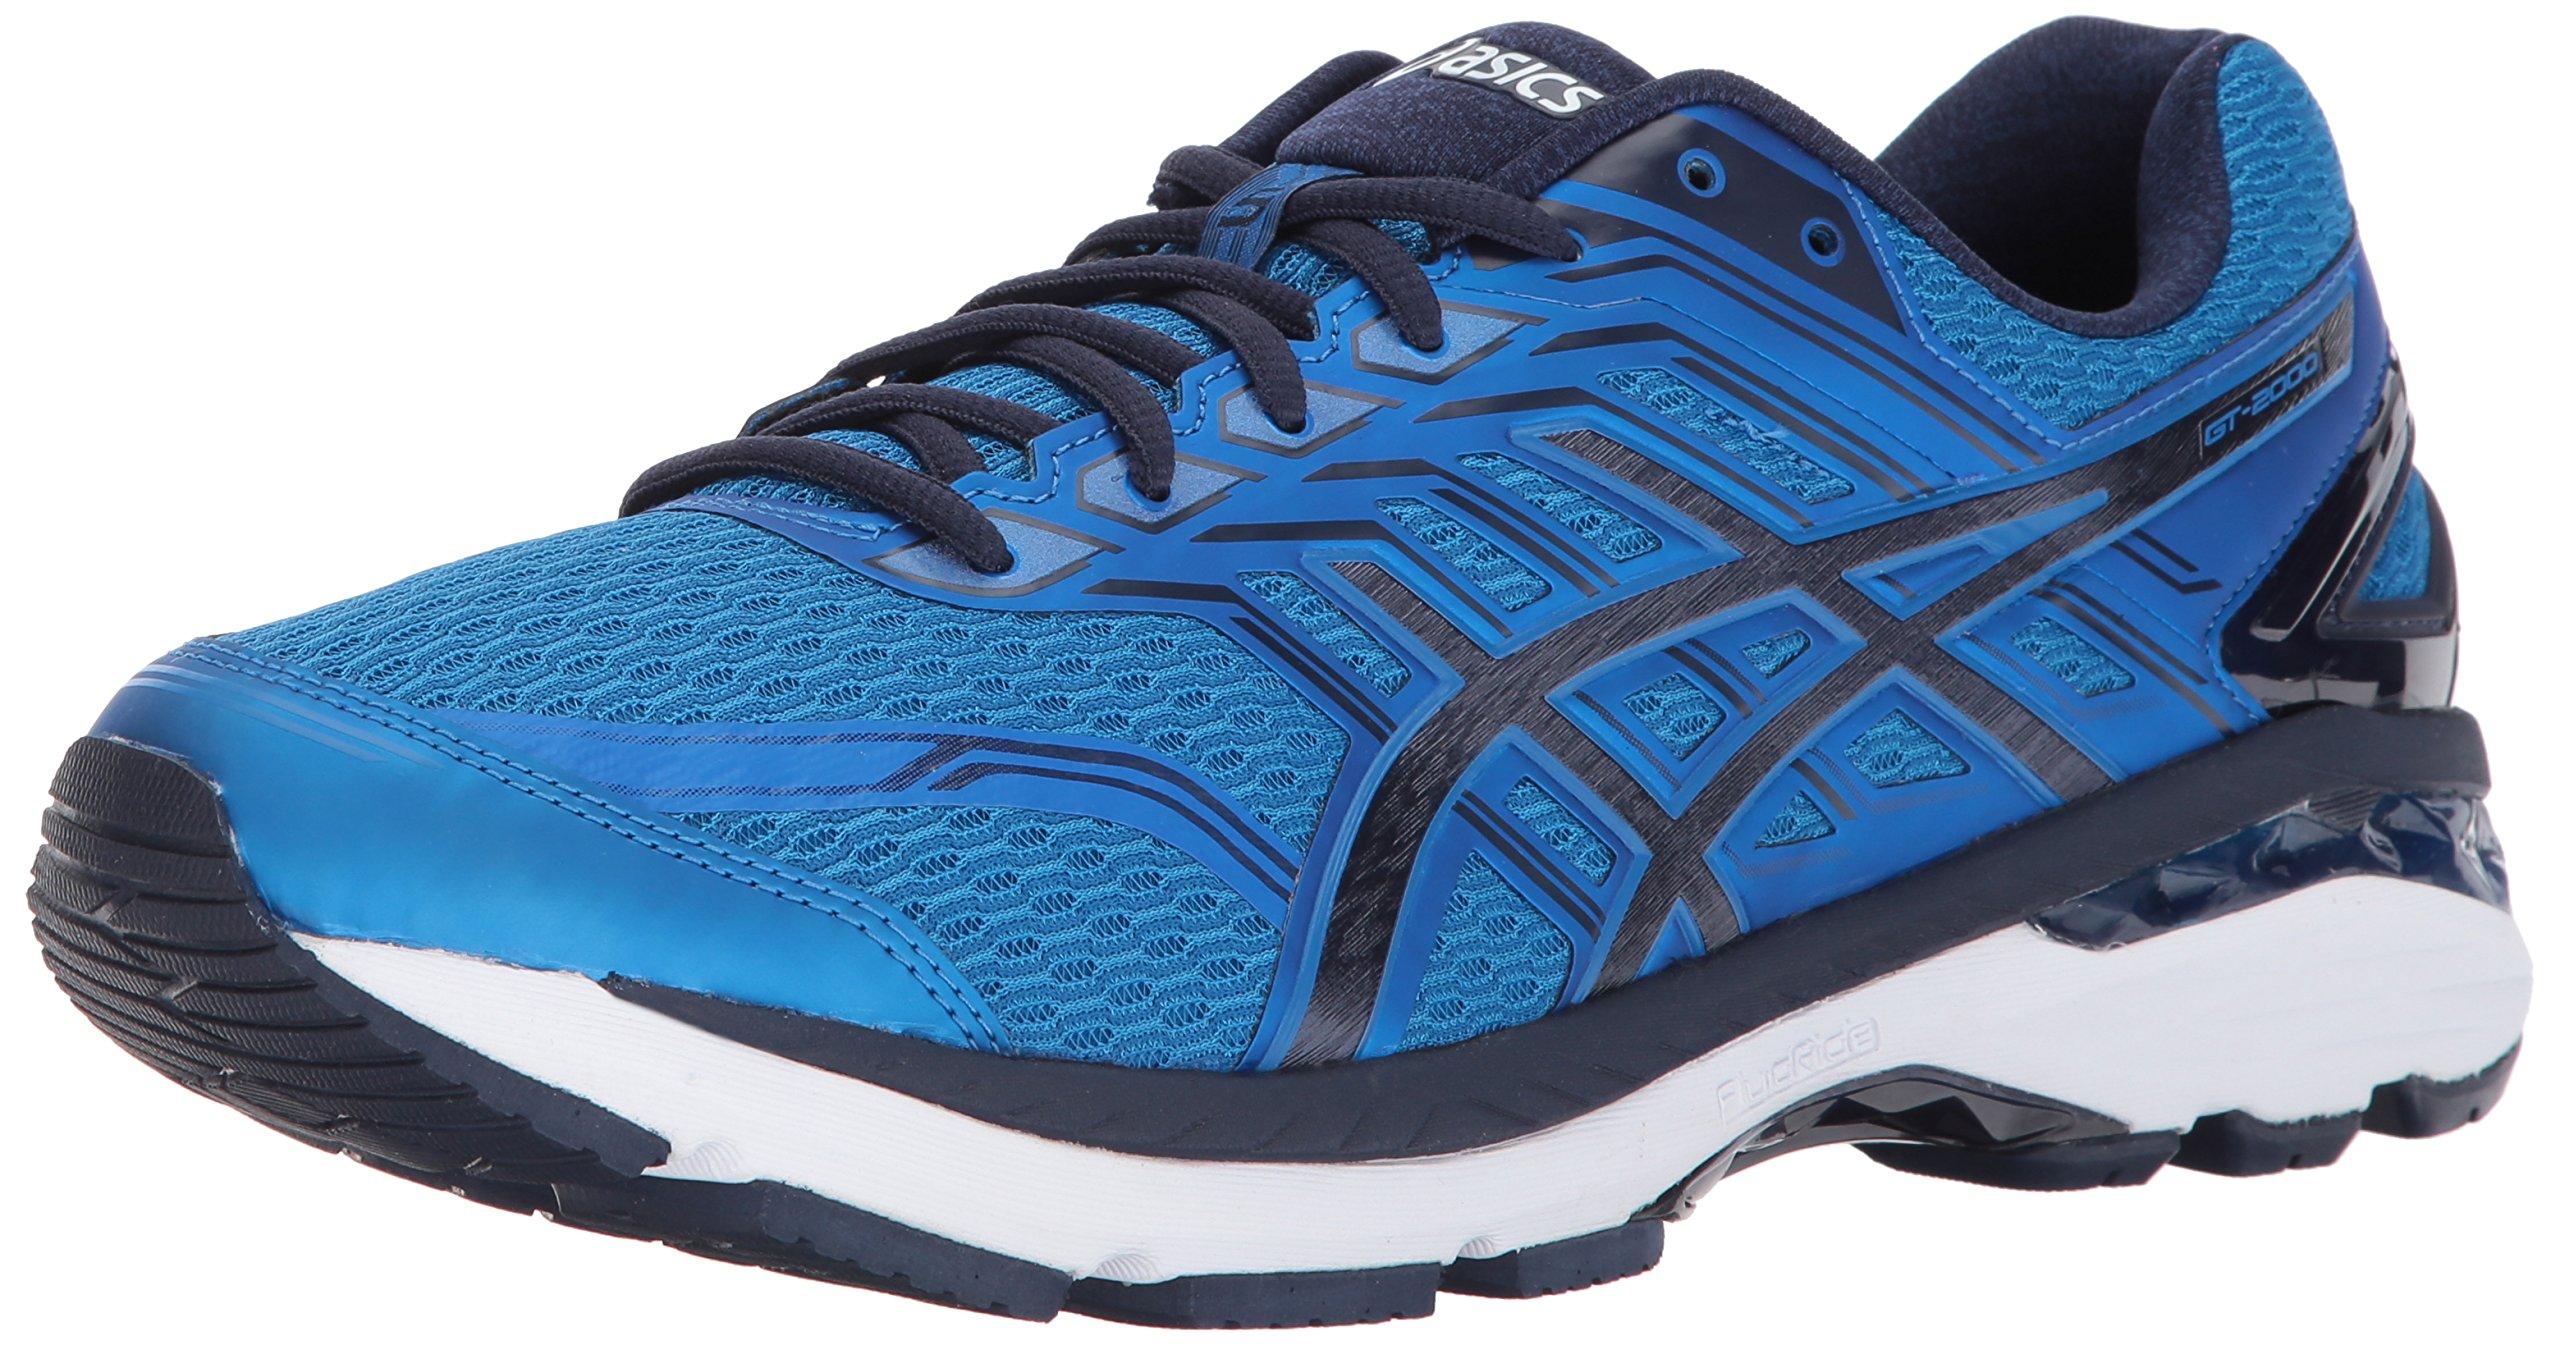 ASICS Men's GT-2000 5 Running Shoe, Directoire Blue/Peacoat/White, 13 Medium US